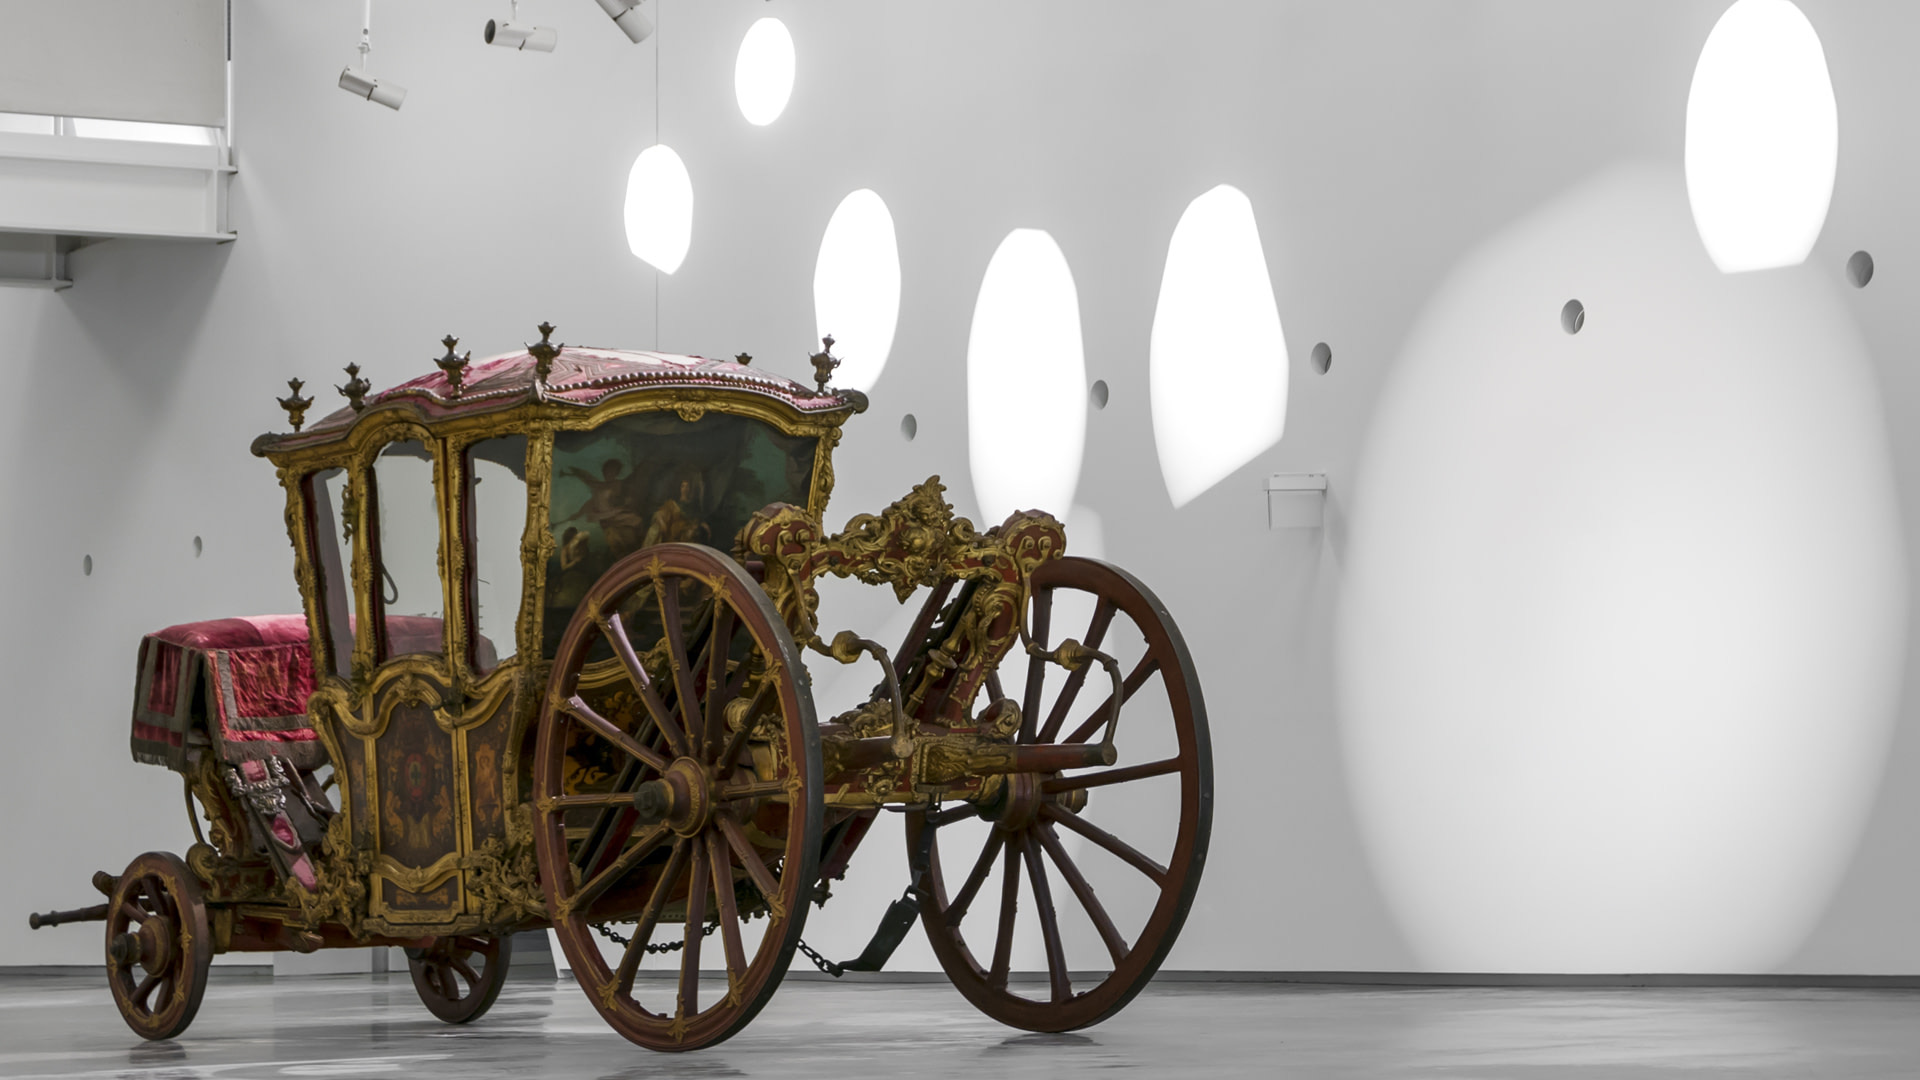 le musée national des carosses à Lisbonne a la plus grande collection de carrosses au monde